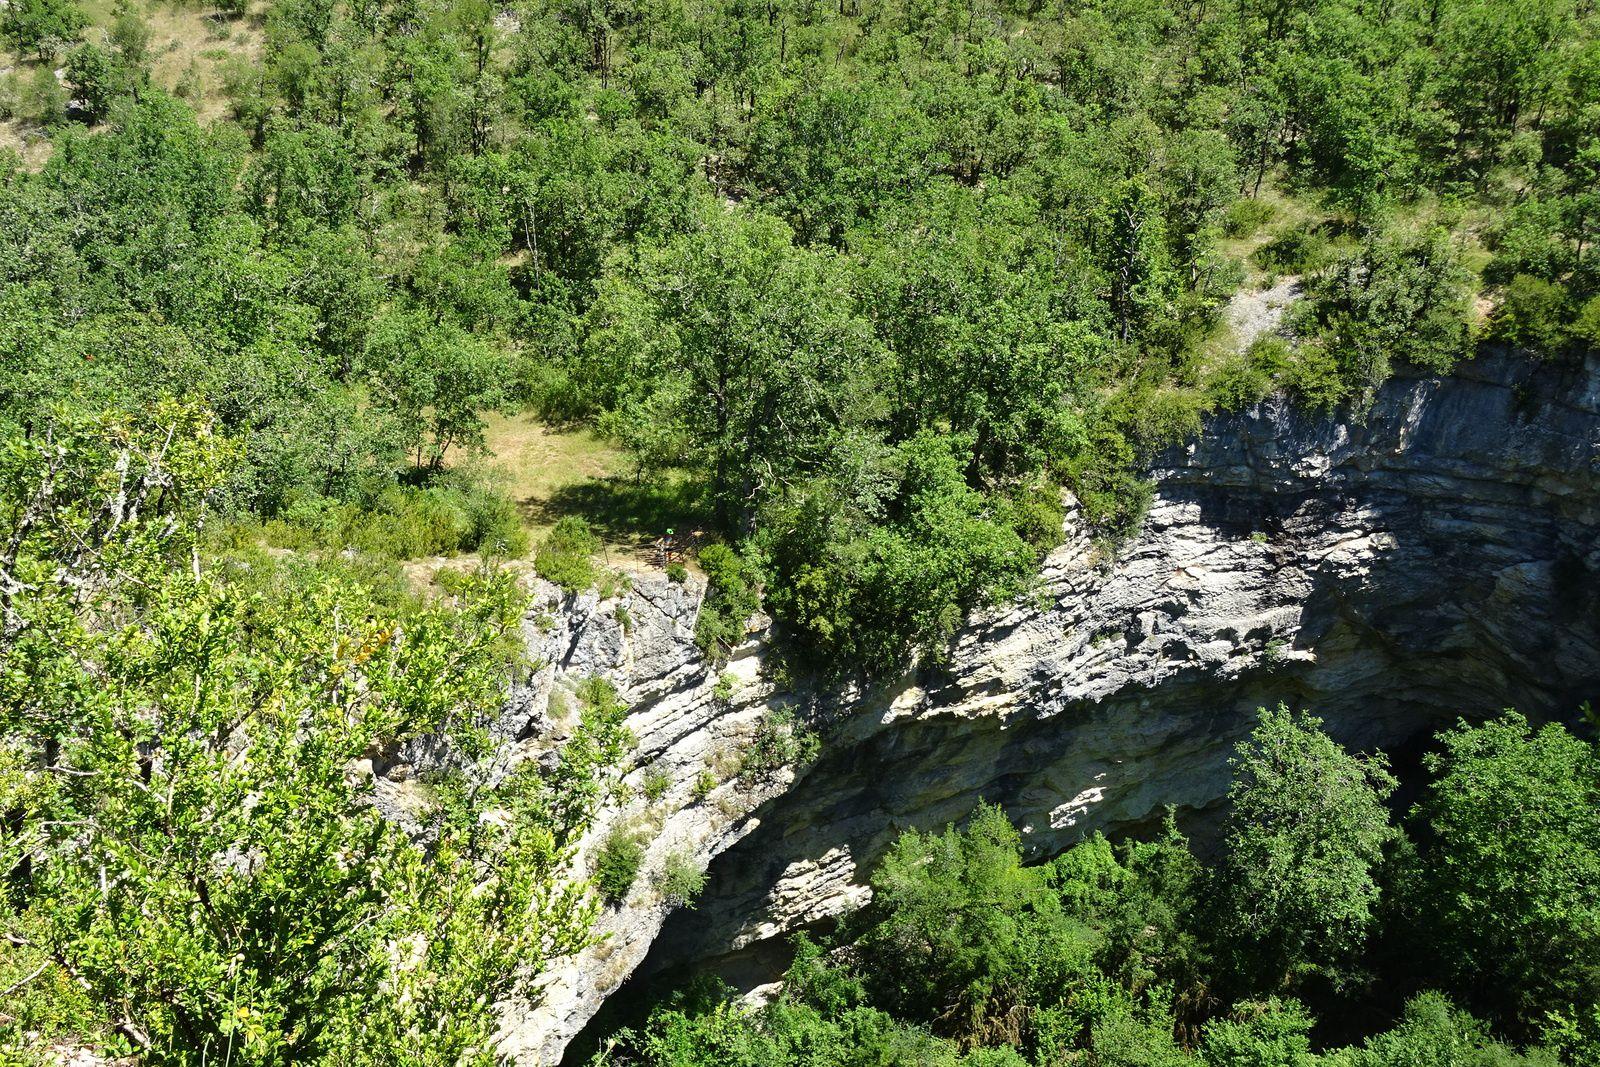 L'igue d'Aujols, si vous regardez bien vous apercevrez Dan en bas, la descente est belle mais pas d'erreur possible sinon c'est la chute assurée 100 m plus bas.